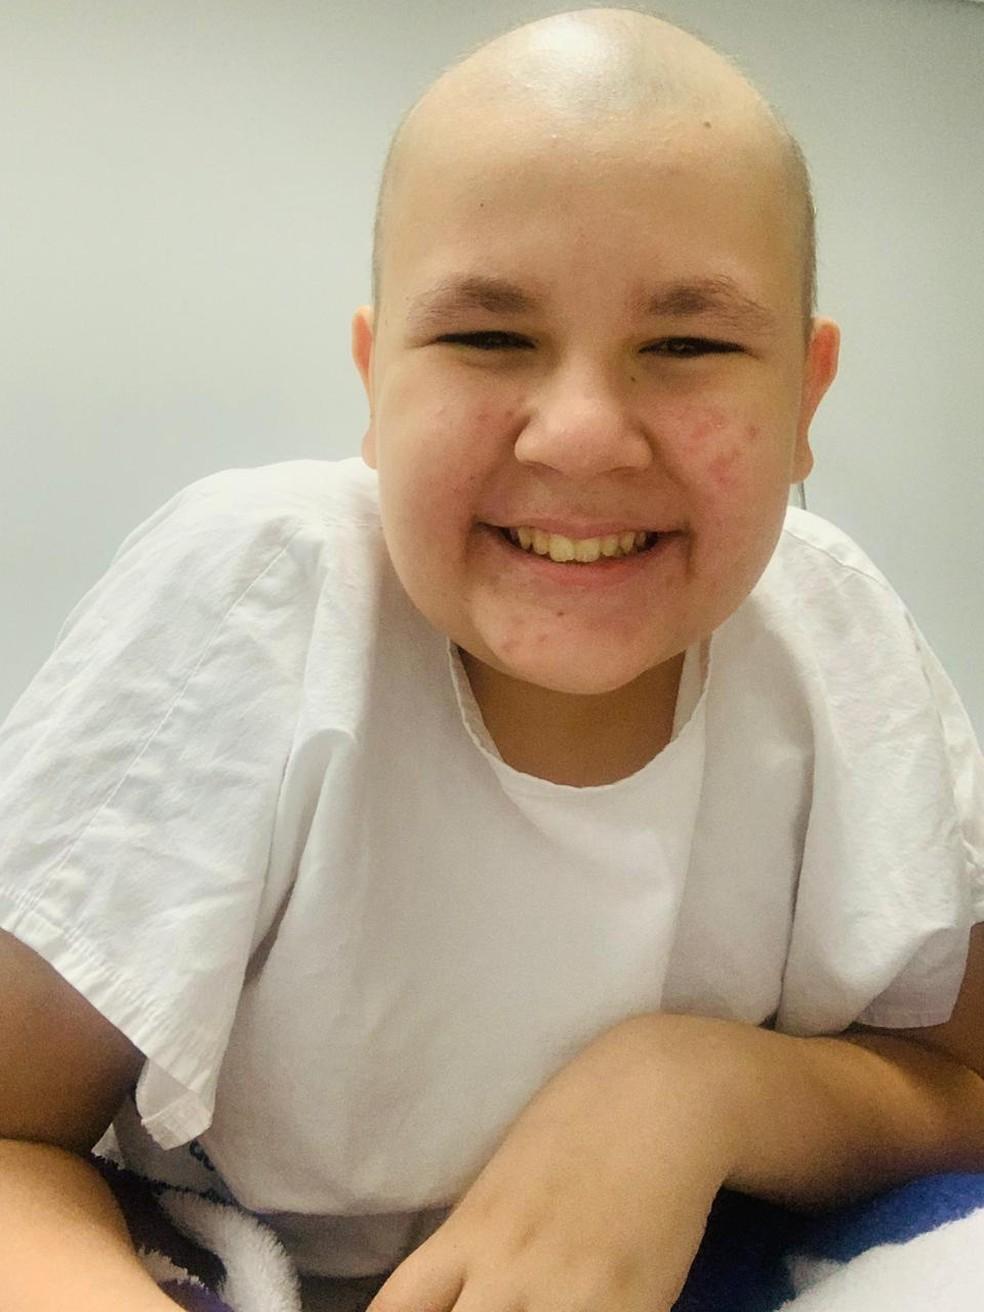 Walmir Neto precisa de tratamento mais avançado, segundo a mãe — Foto: Arquivo pessoal